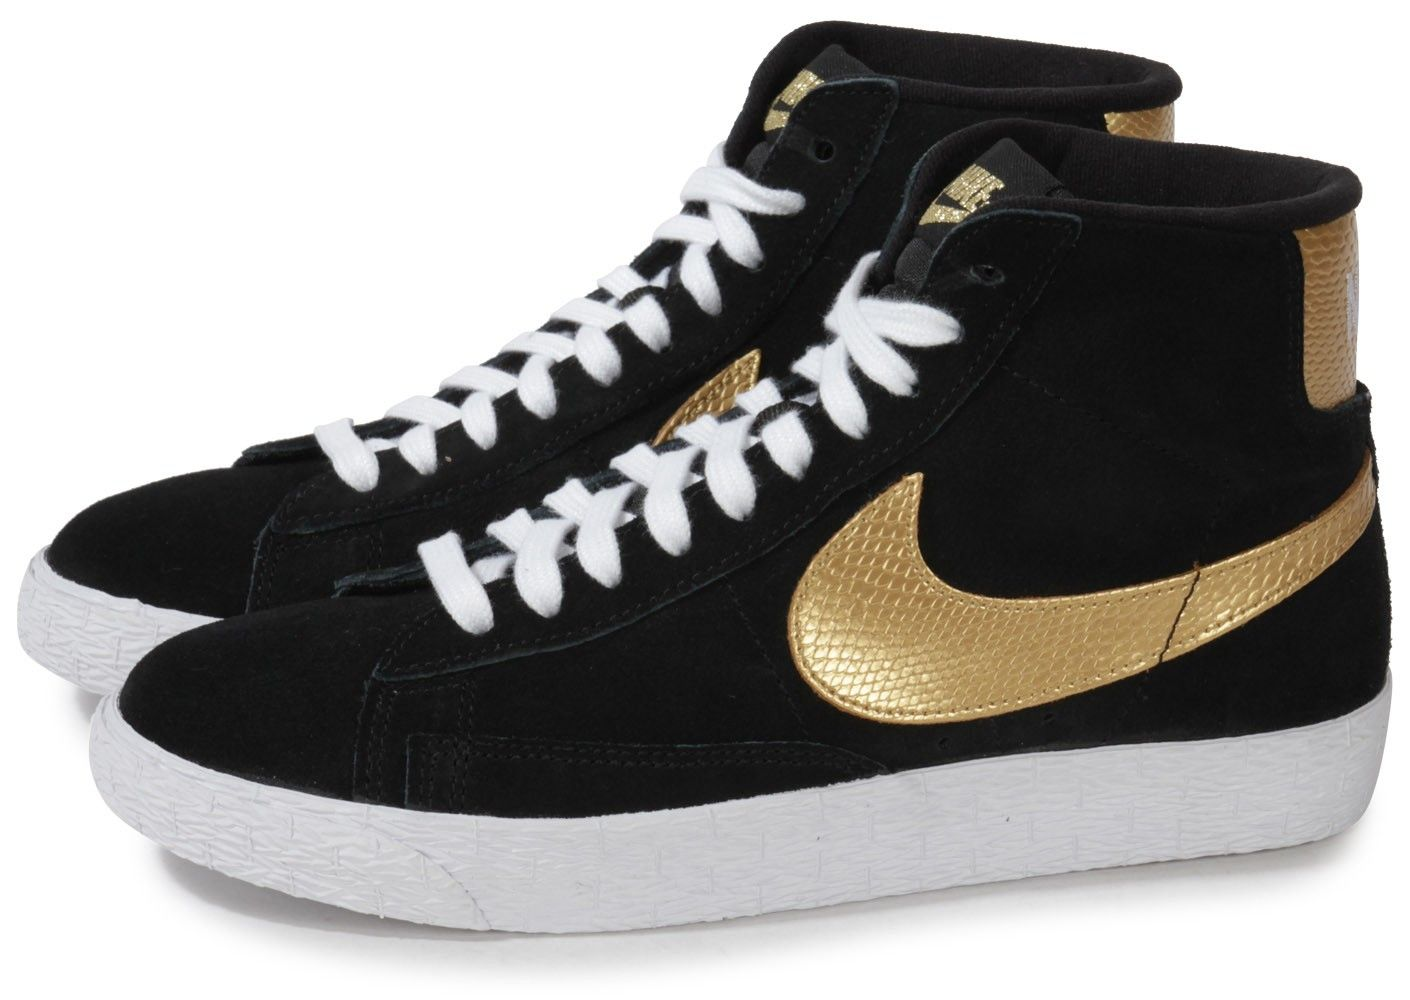 Chaussures Nike BLAZER MID NOIR OR vue extérieure